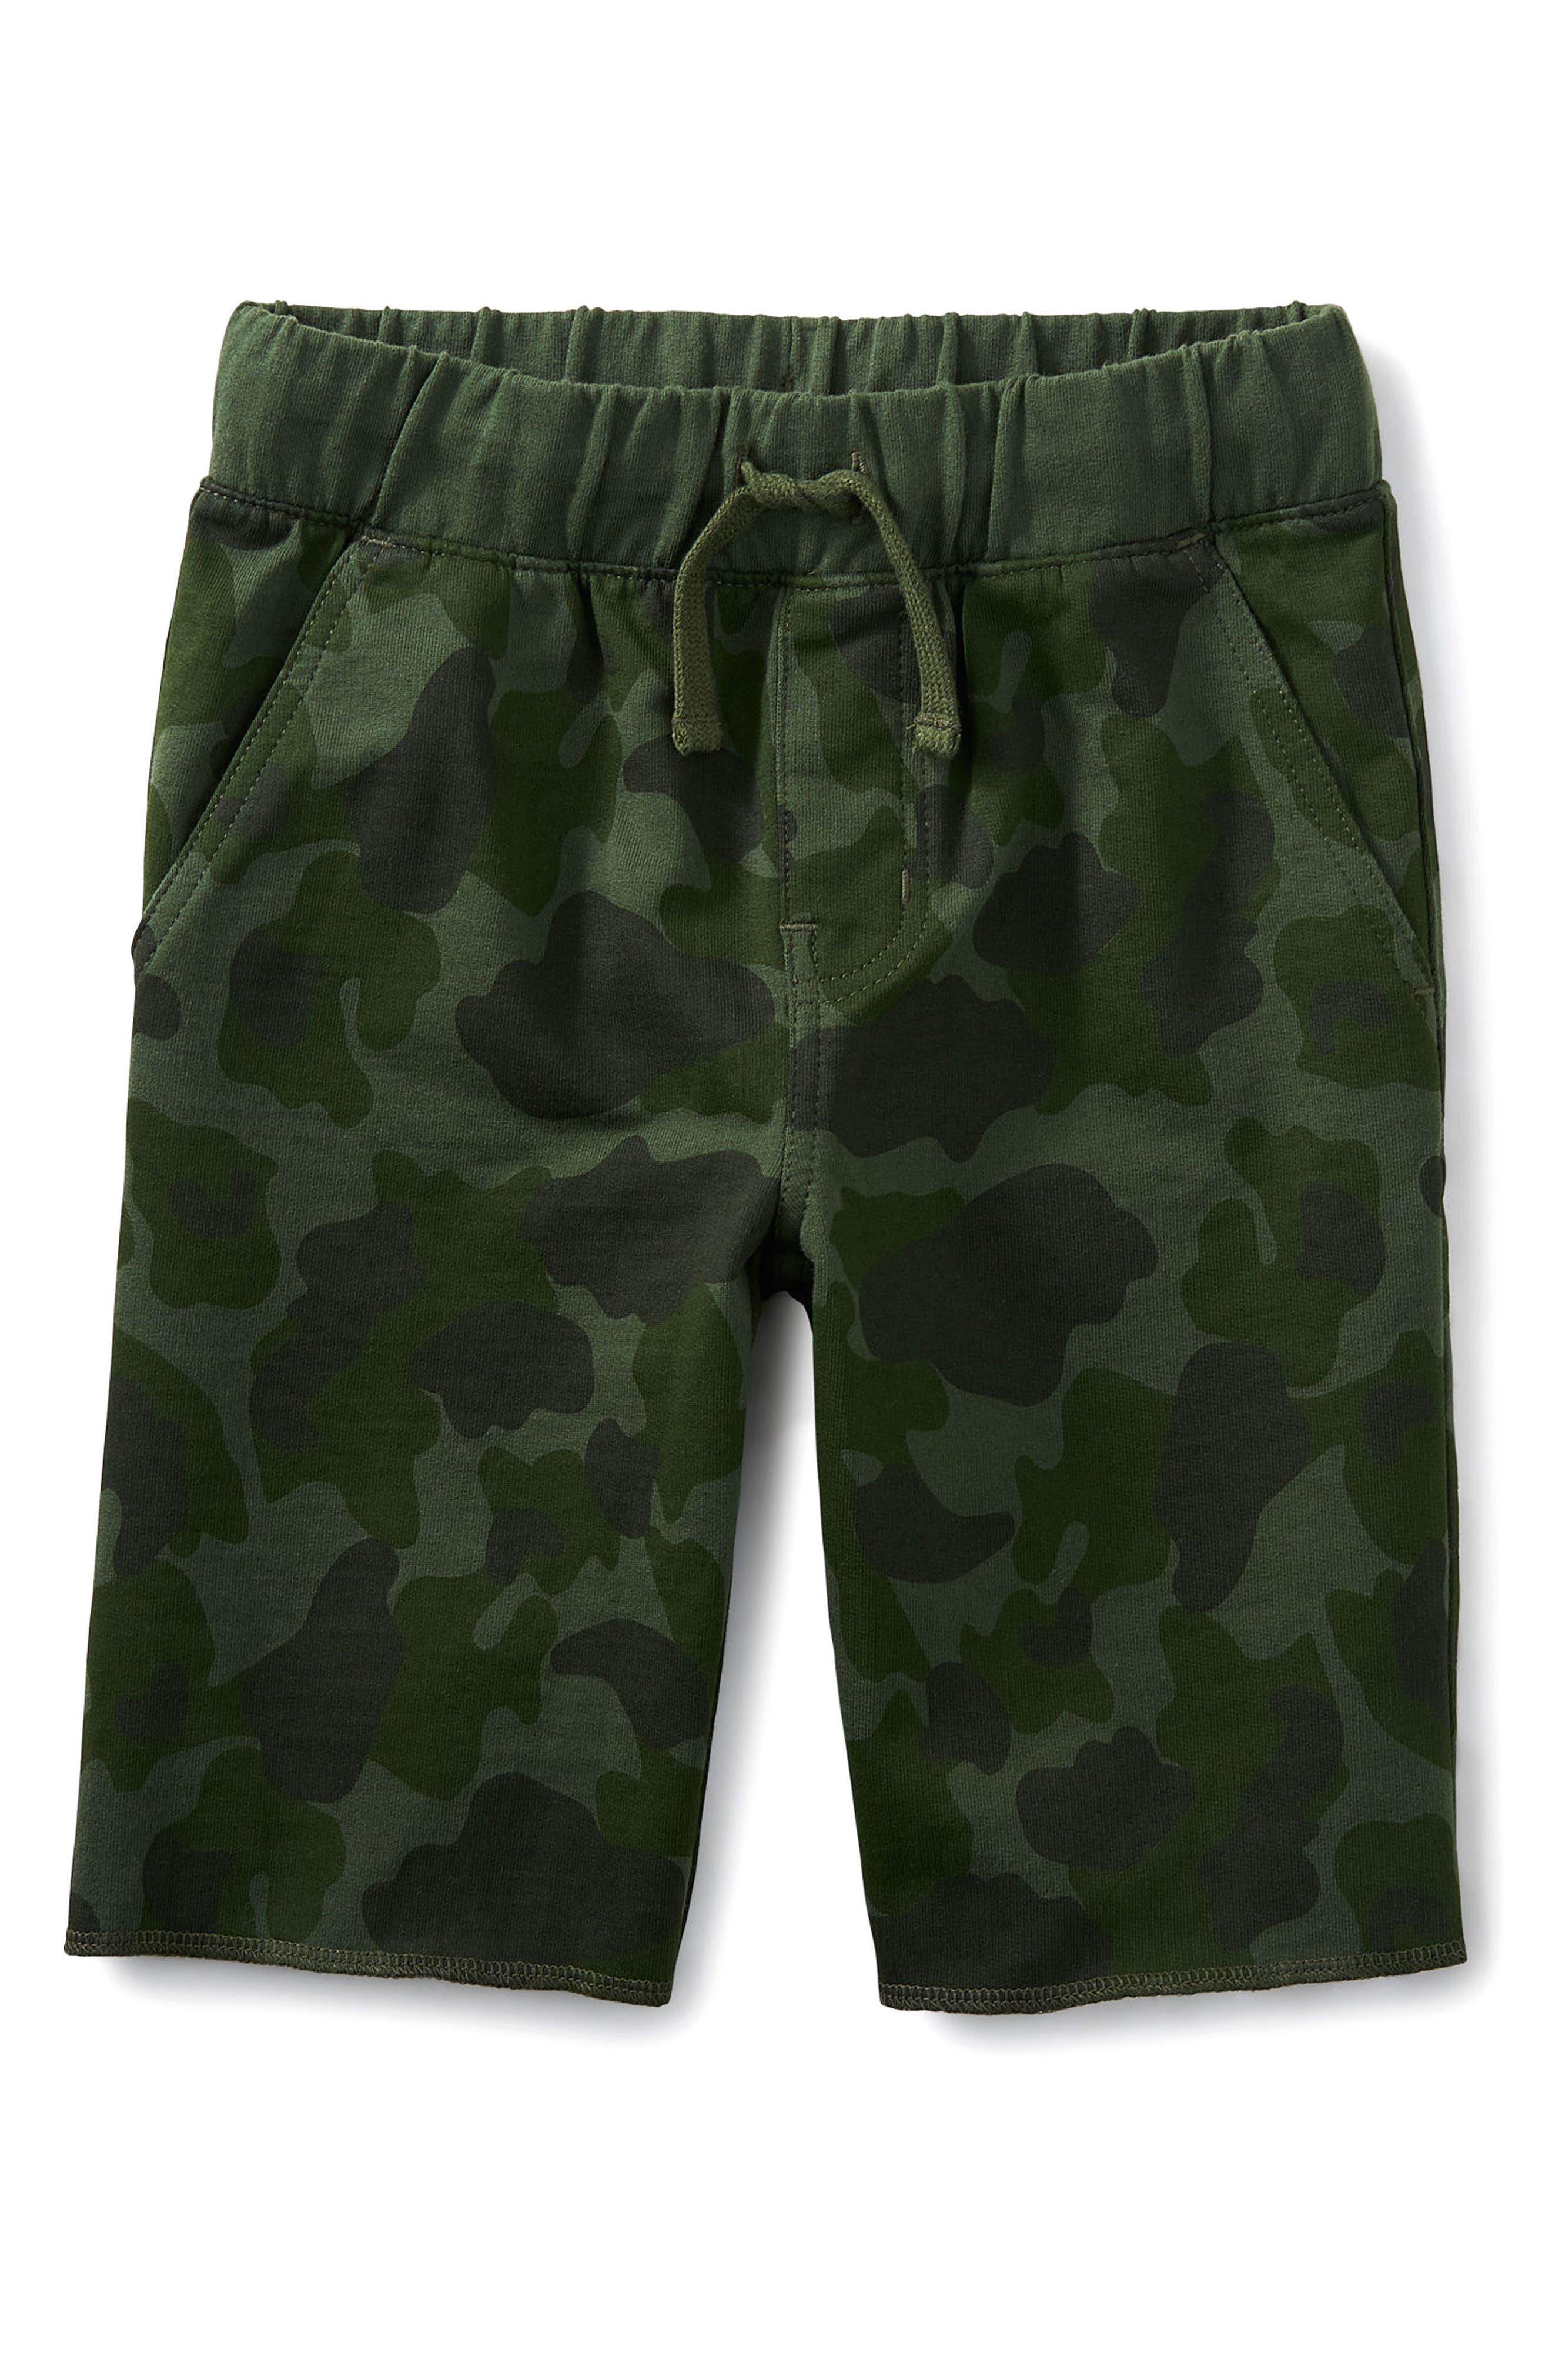 Camp Cruiser Shorts,                             Main thumbnail 1, color,                             300